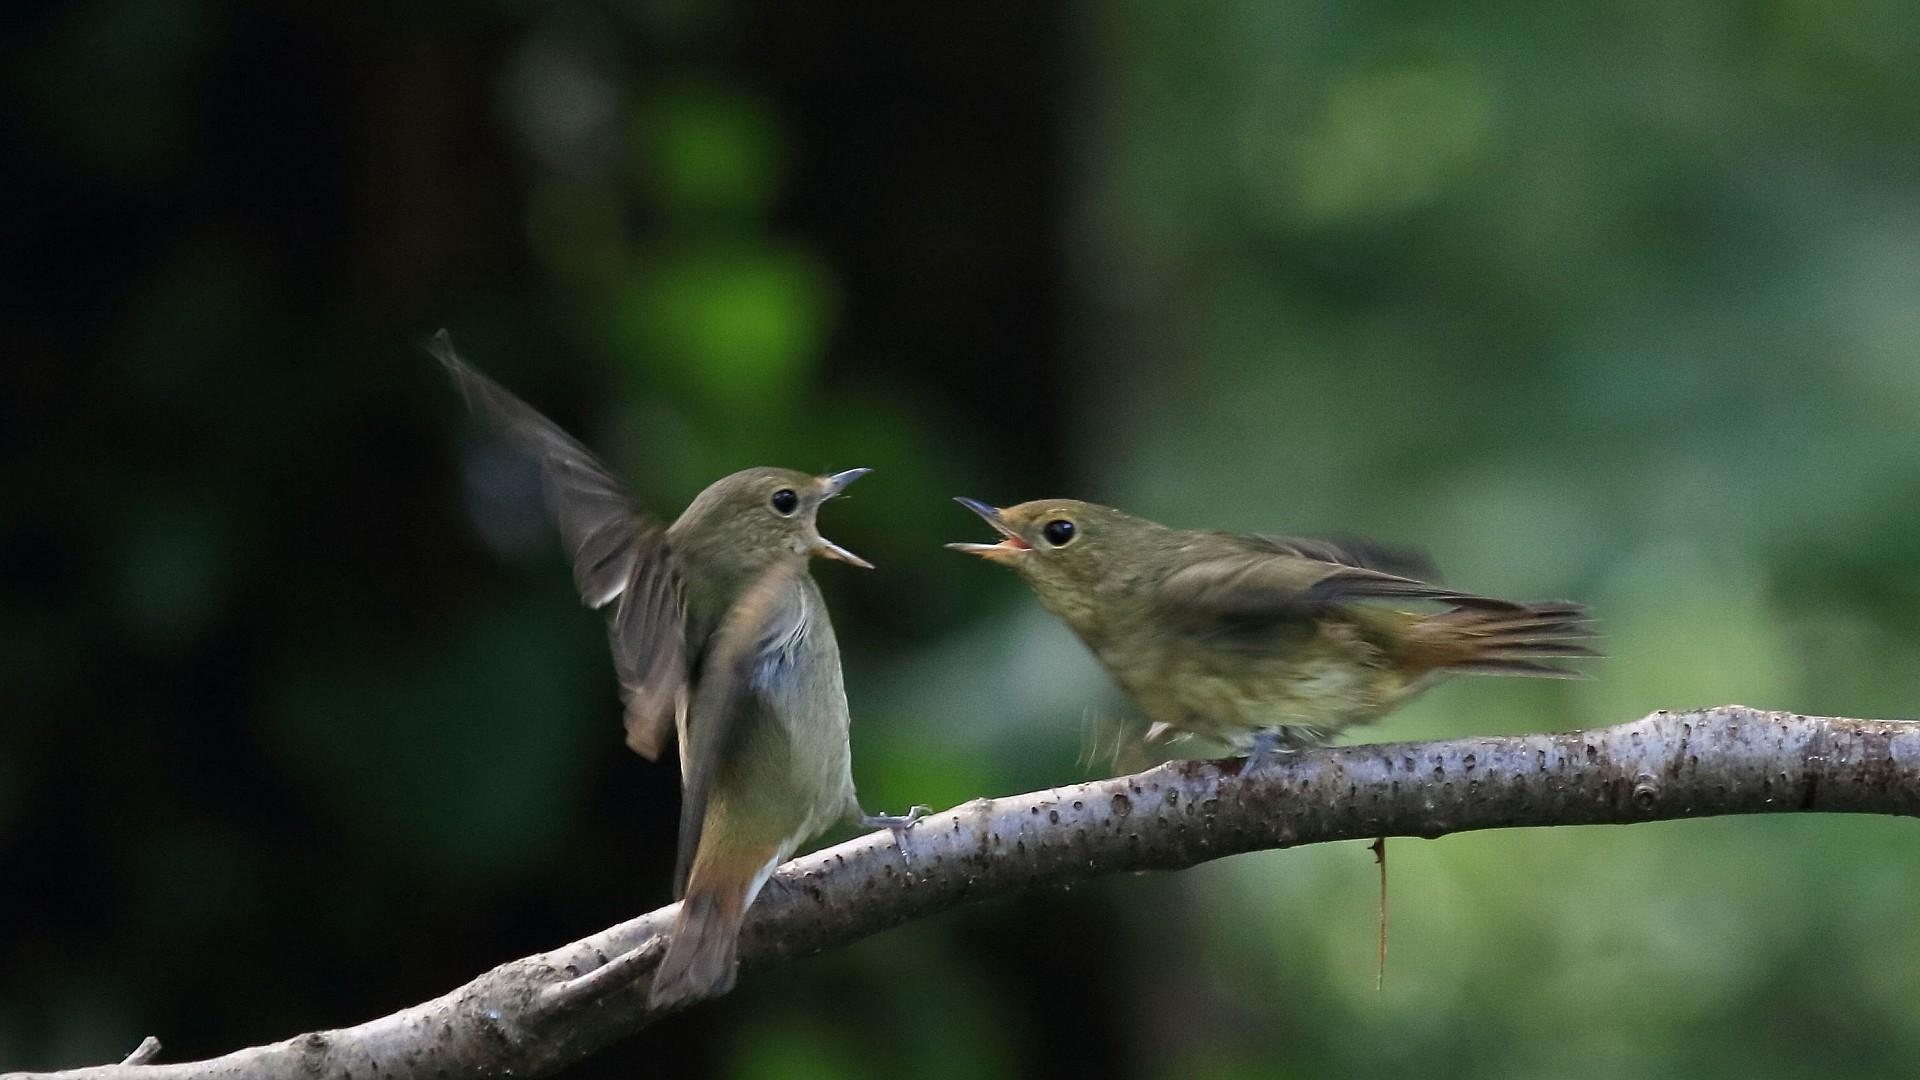 キビタキ幼鳥どうしのバトル_f0105570_21501762.jpg